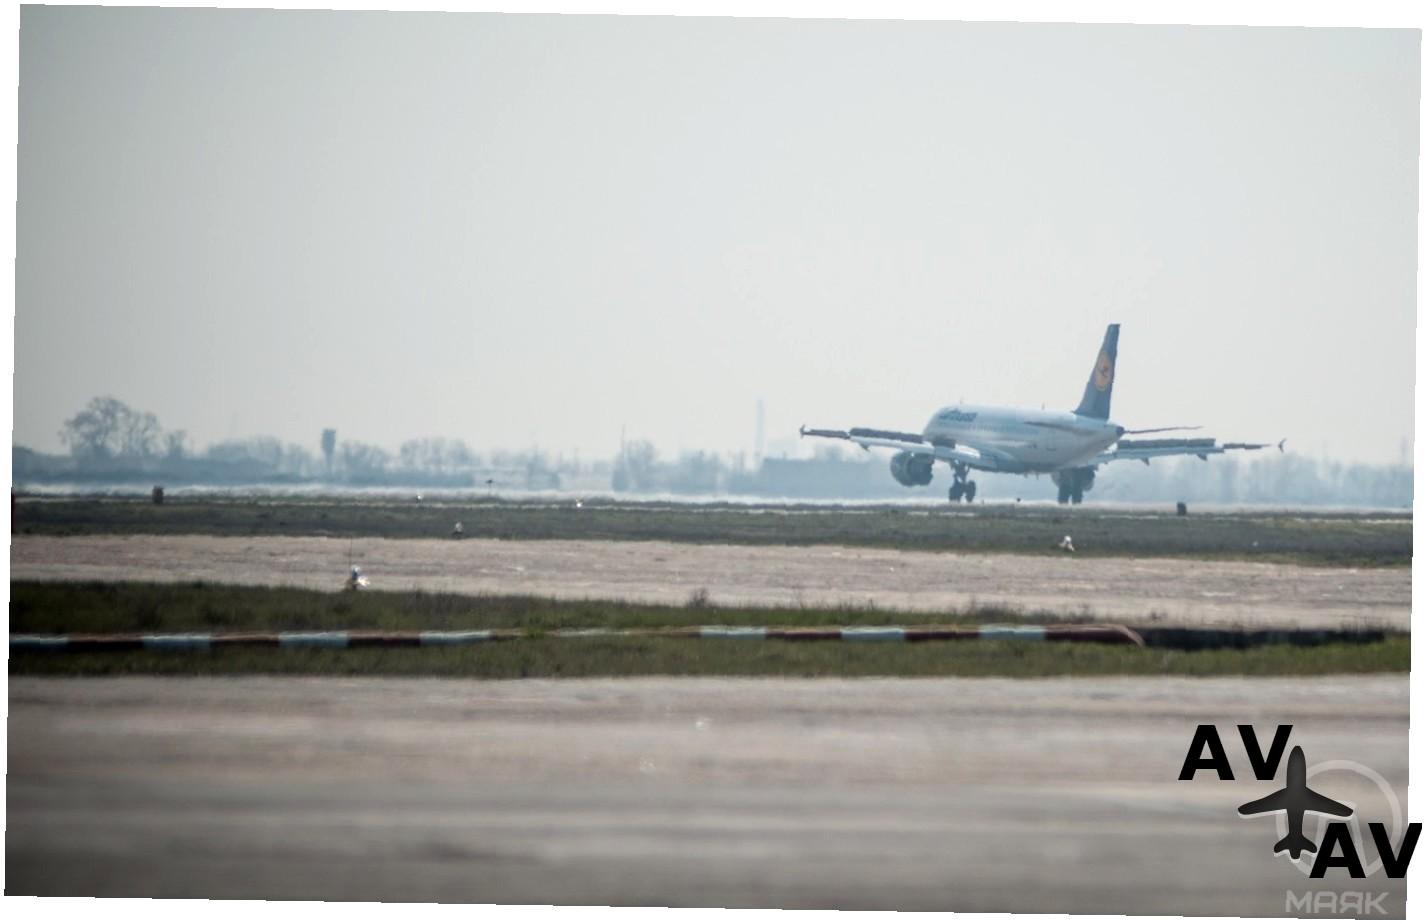 Аэропорт Душанбе (Dushanbe) коды IATA: DYU ICAO: UTDD город: Душанбе (Dushanbe) страна: Таджикистан (Tajikistan)